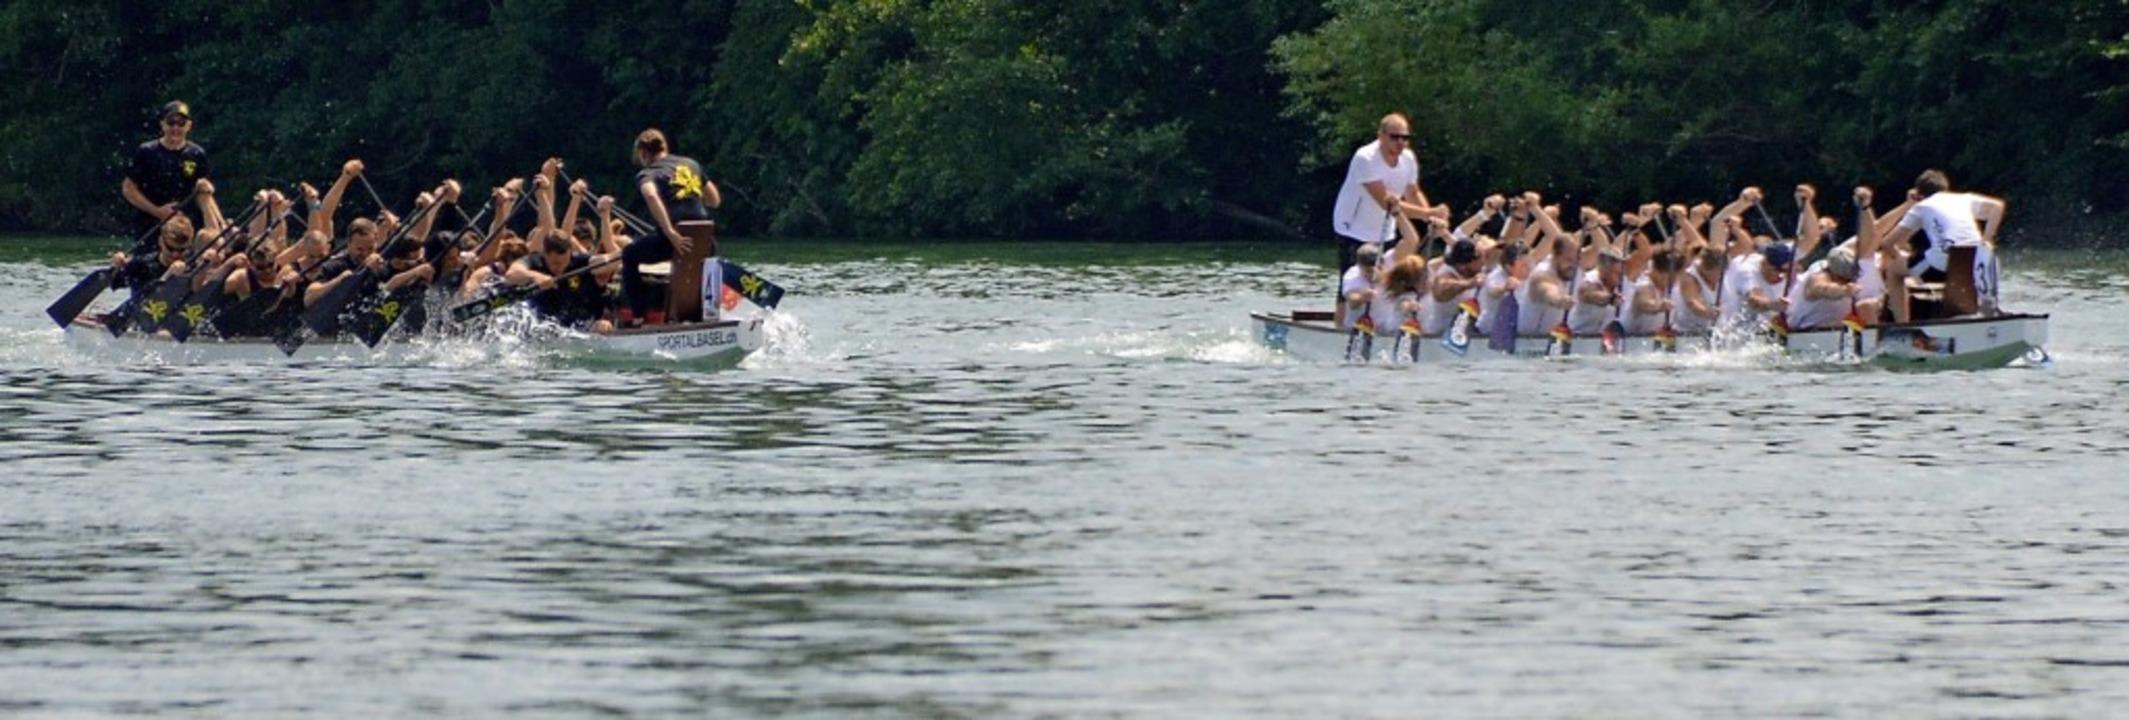 Spannende Drachenbootrennen gab es bei...stromtagen in Schwörstadt zu erleben.   | Foto: Horatio Gollin